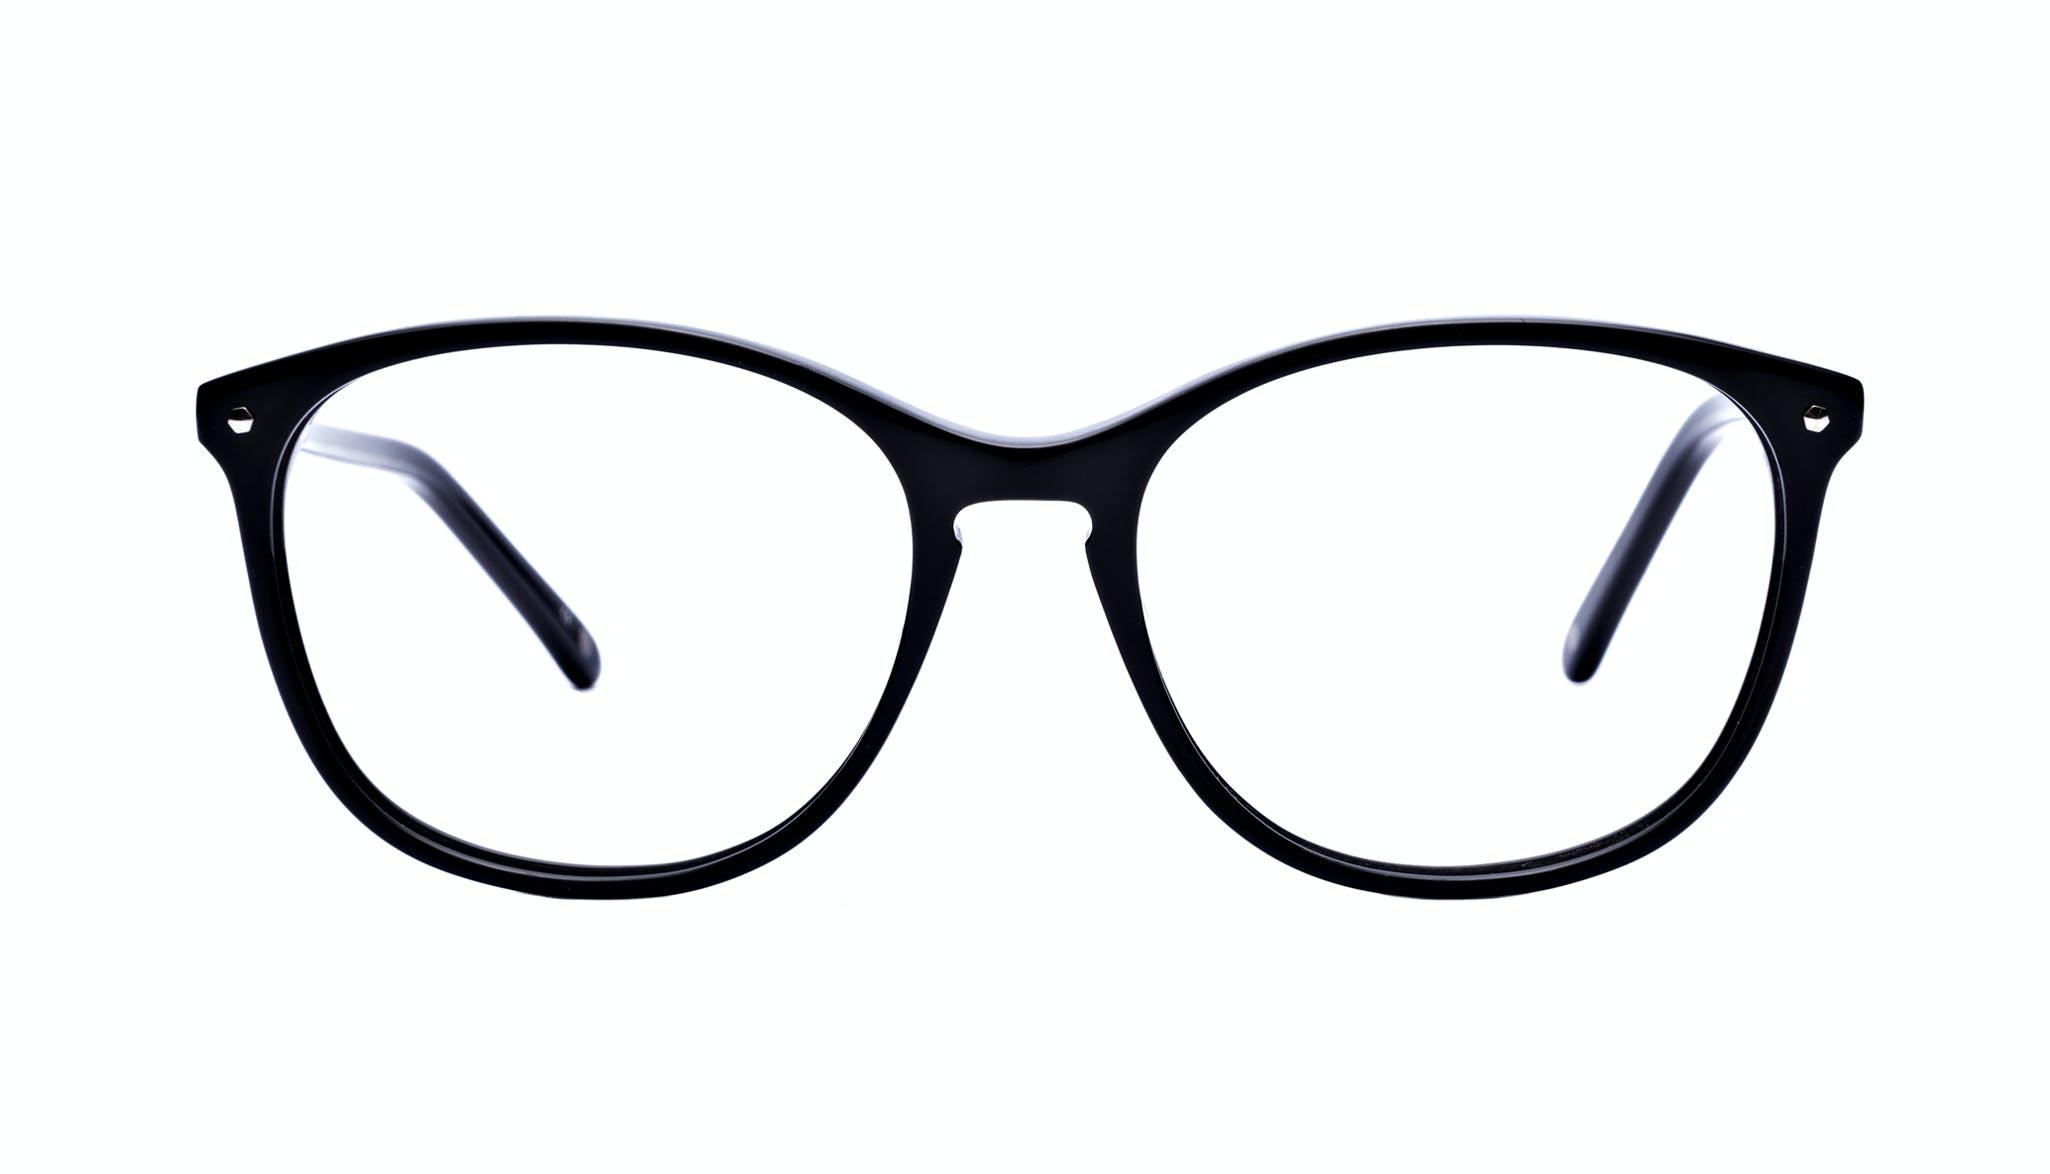 Lunettes tendance Rectangle Carrée Ronde Lunettes de vue Femmes Nadine Pitch Black Face